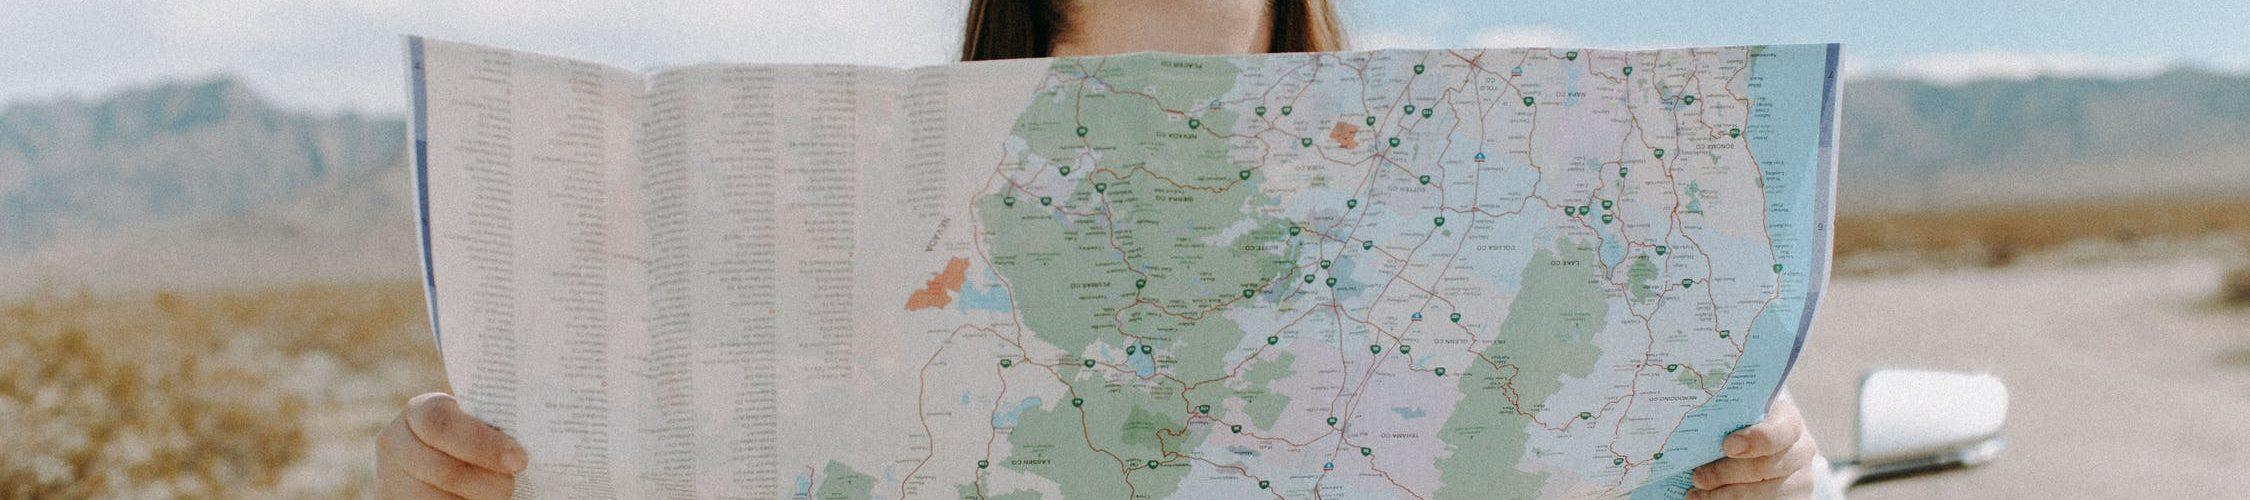 vrouw-kaart-lezen